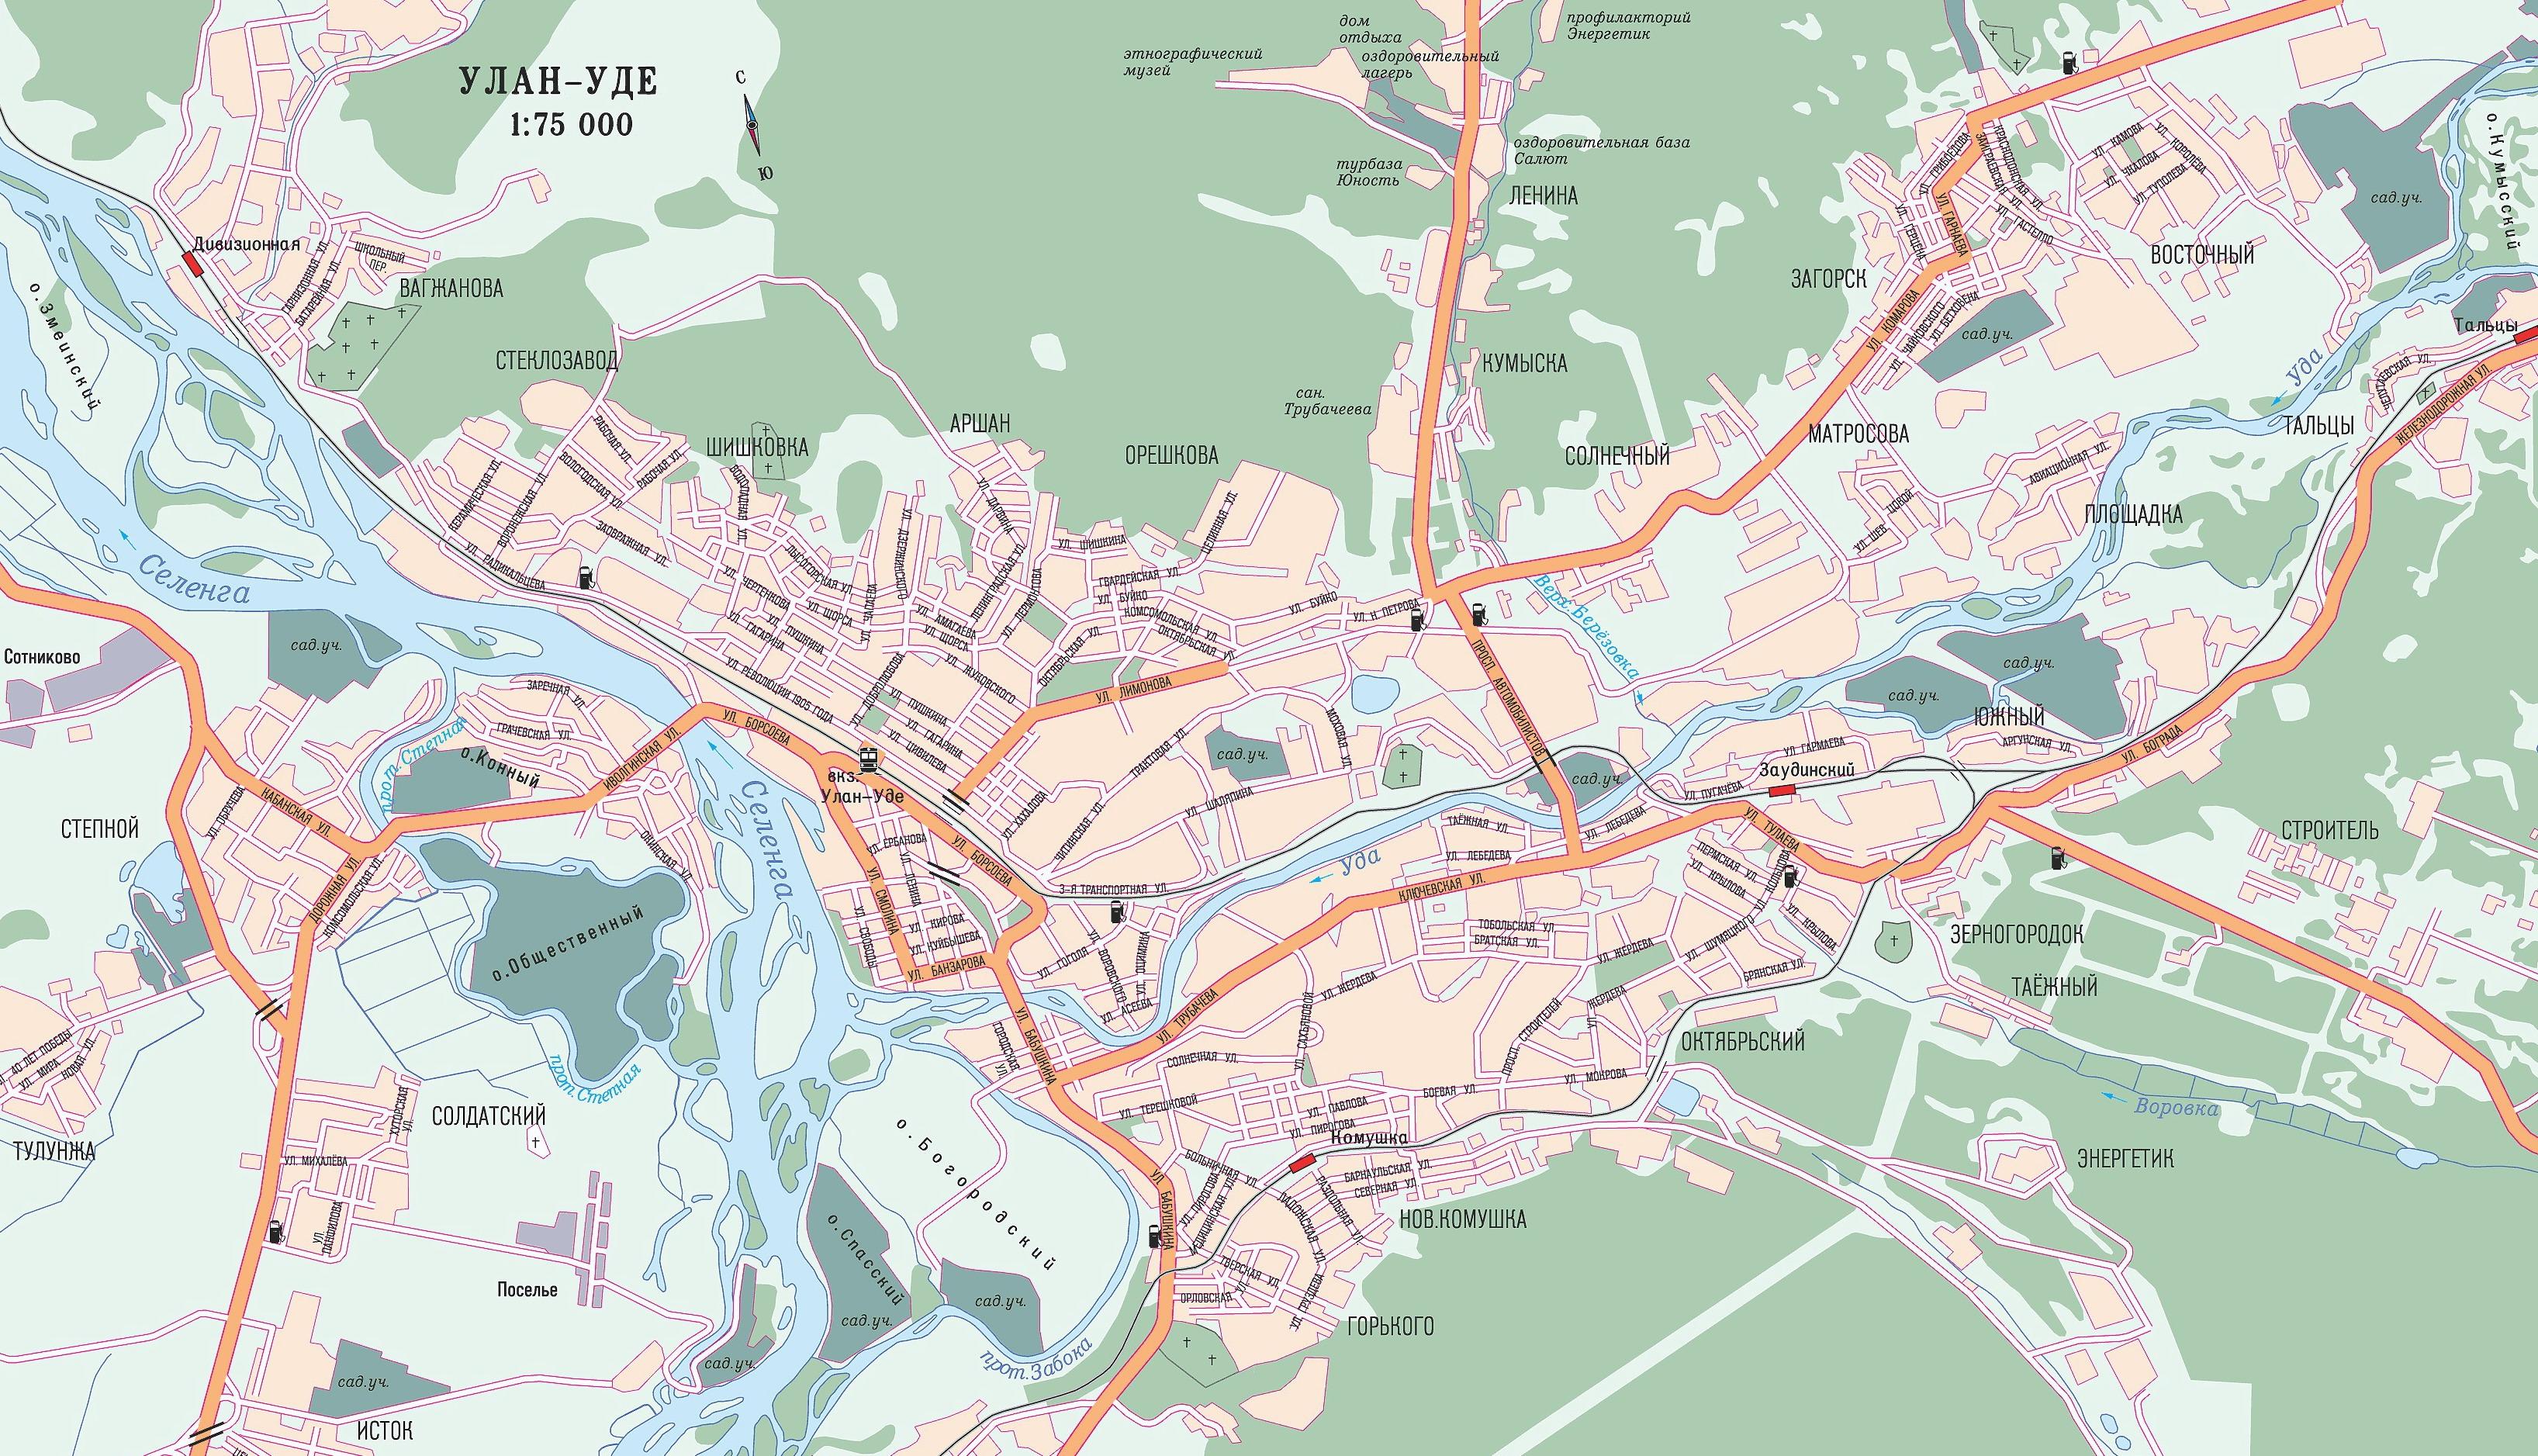 Оренбург на карте россии карты